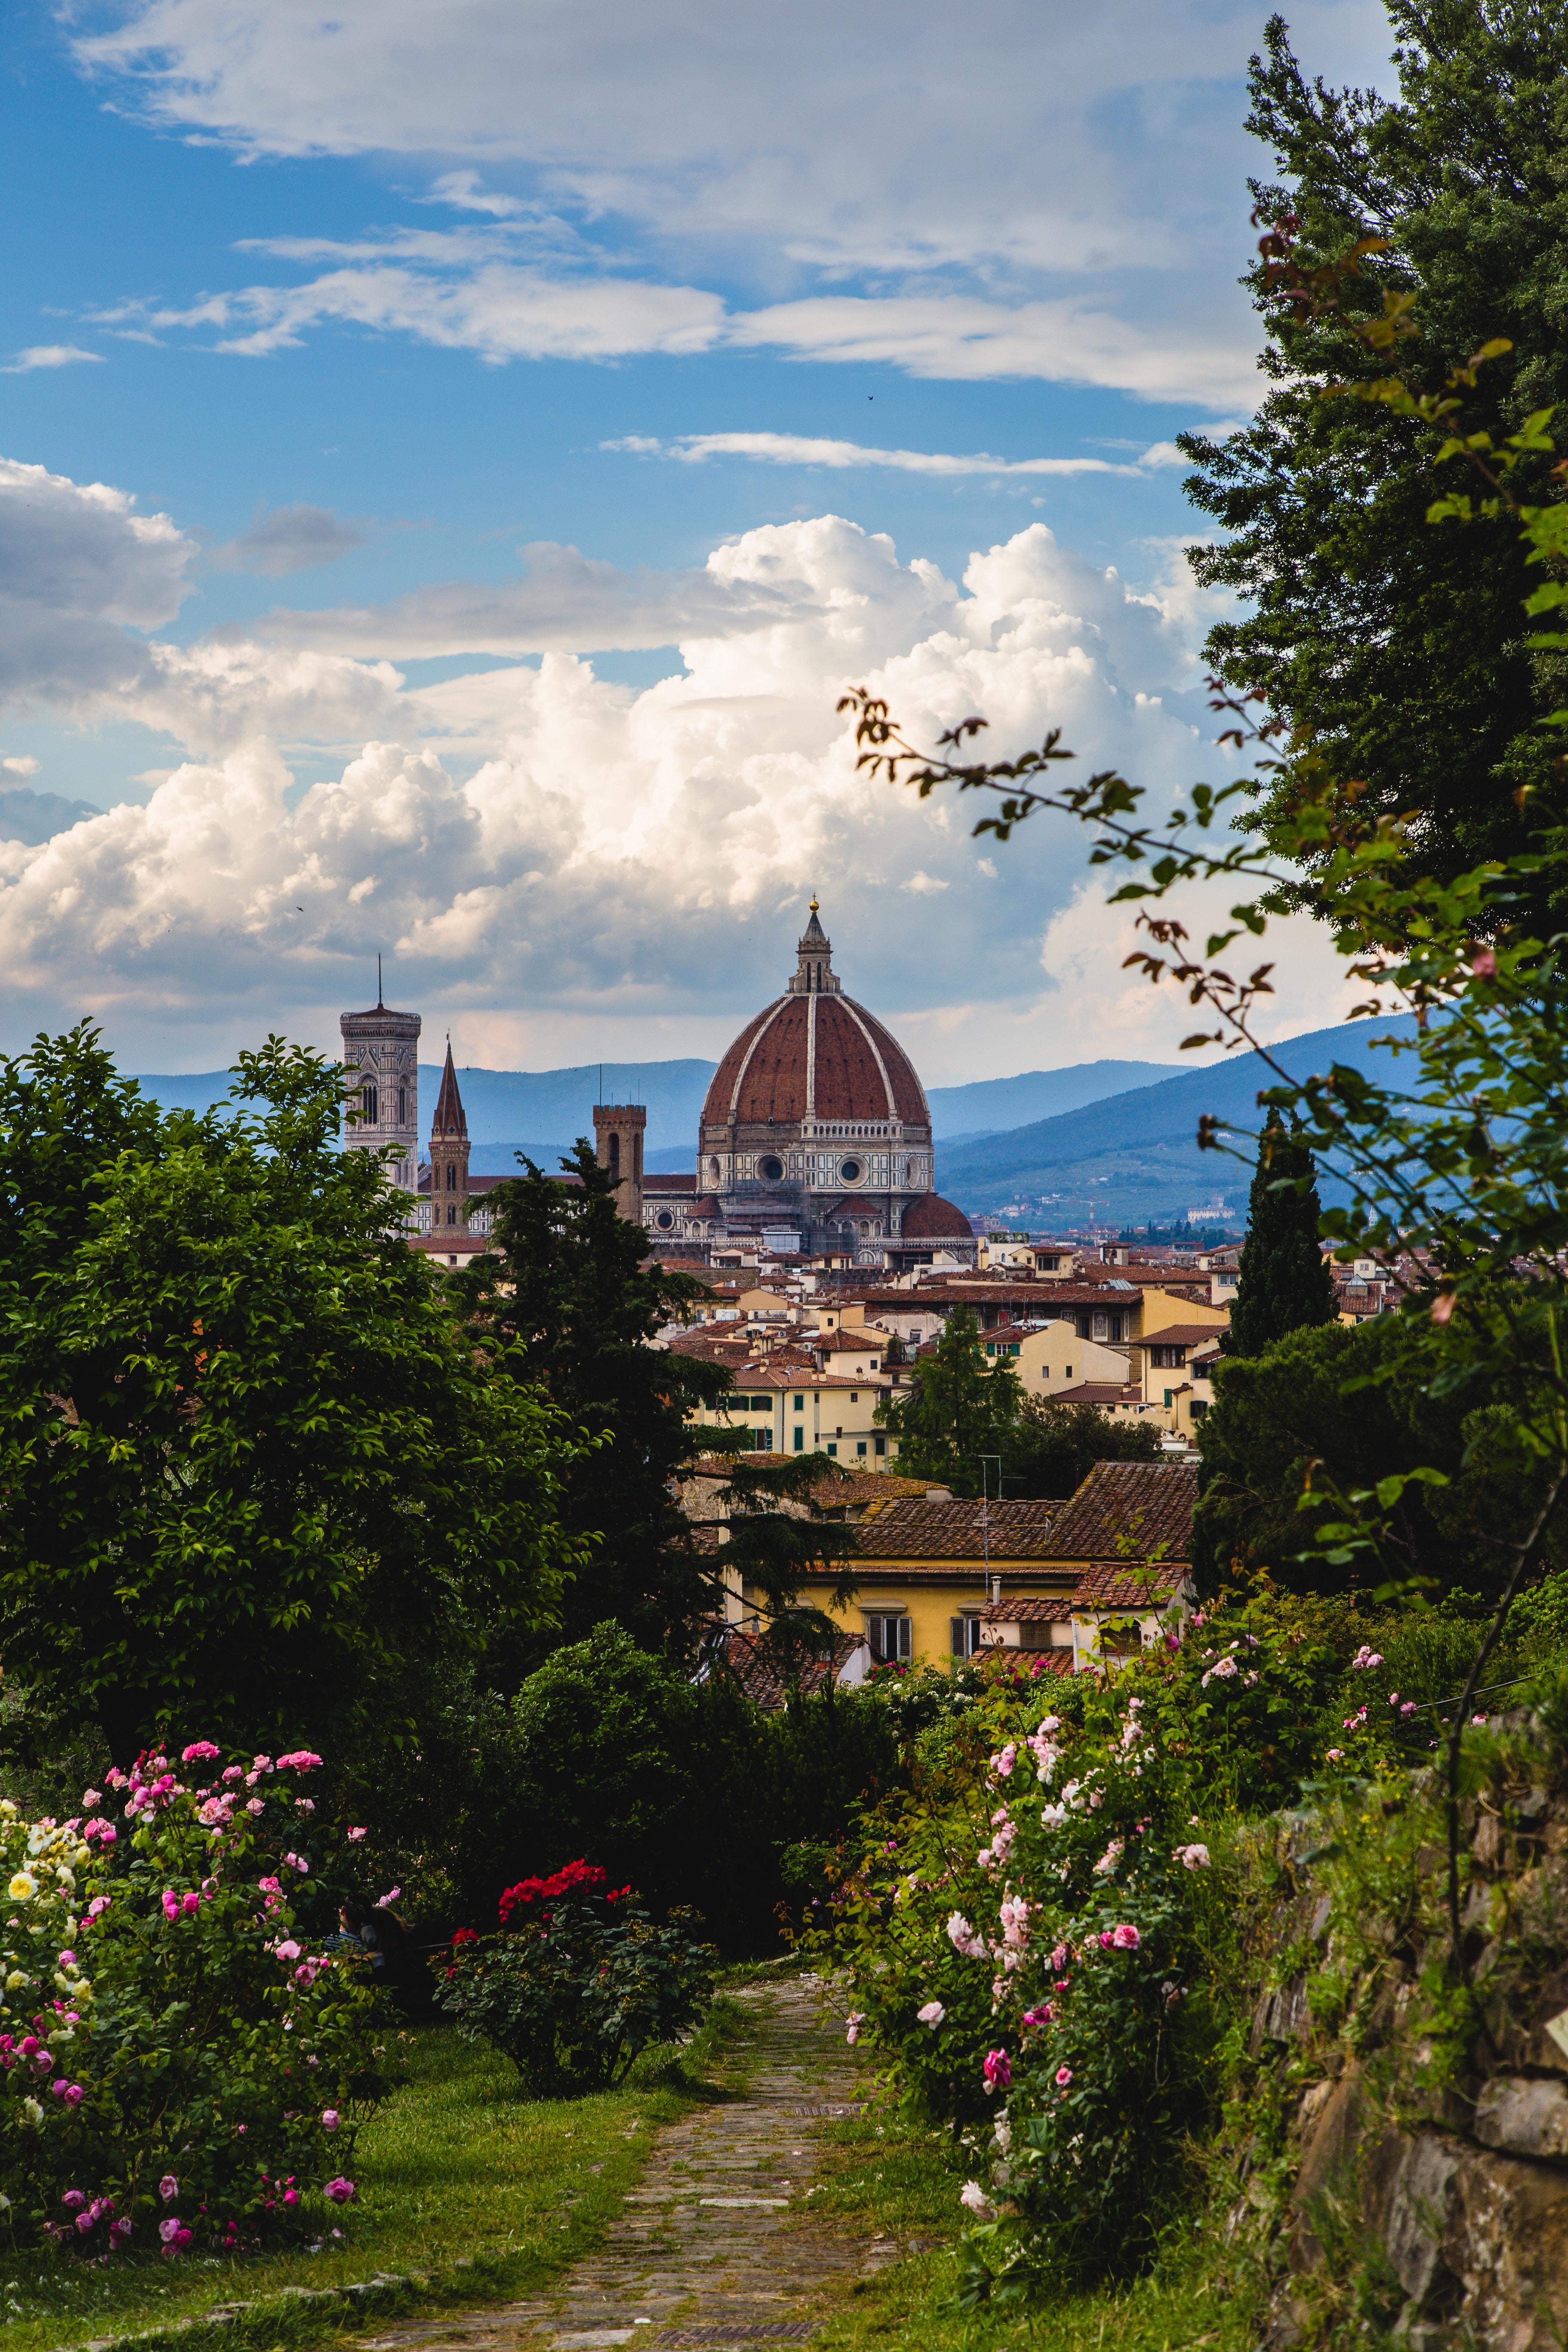 112274 скачать обои Архитектура, Флоренция, Италия, Города, Цветение, Сад, Строения - заставки и картинки бесплатно